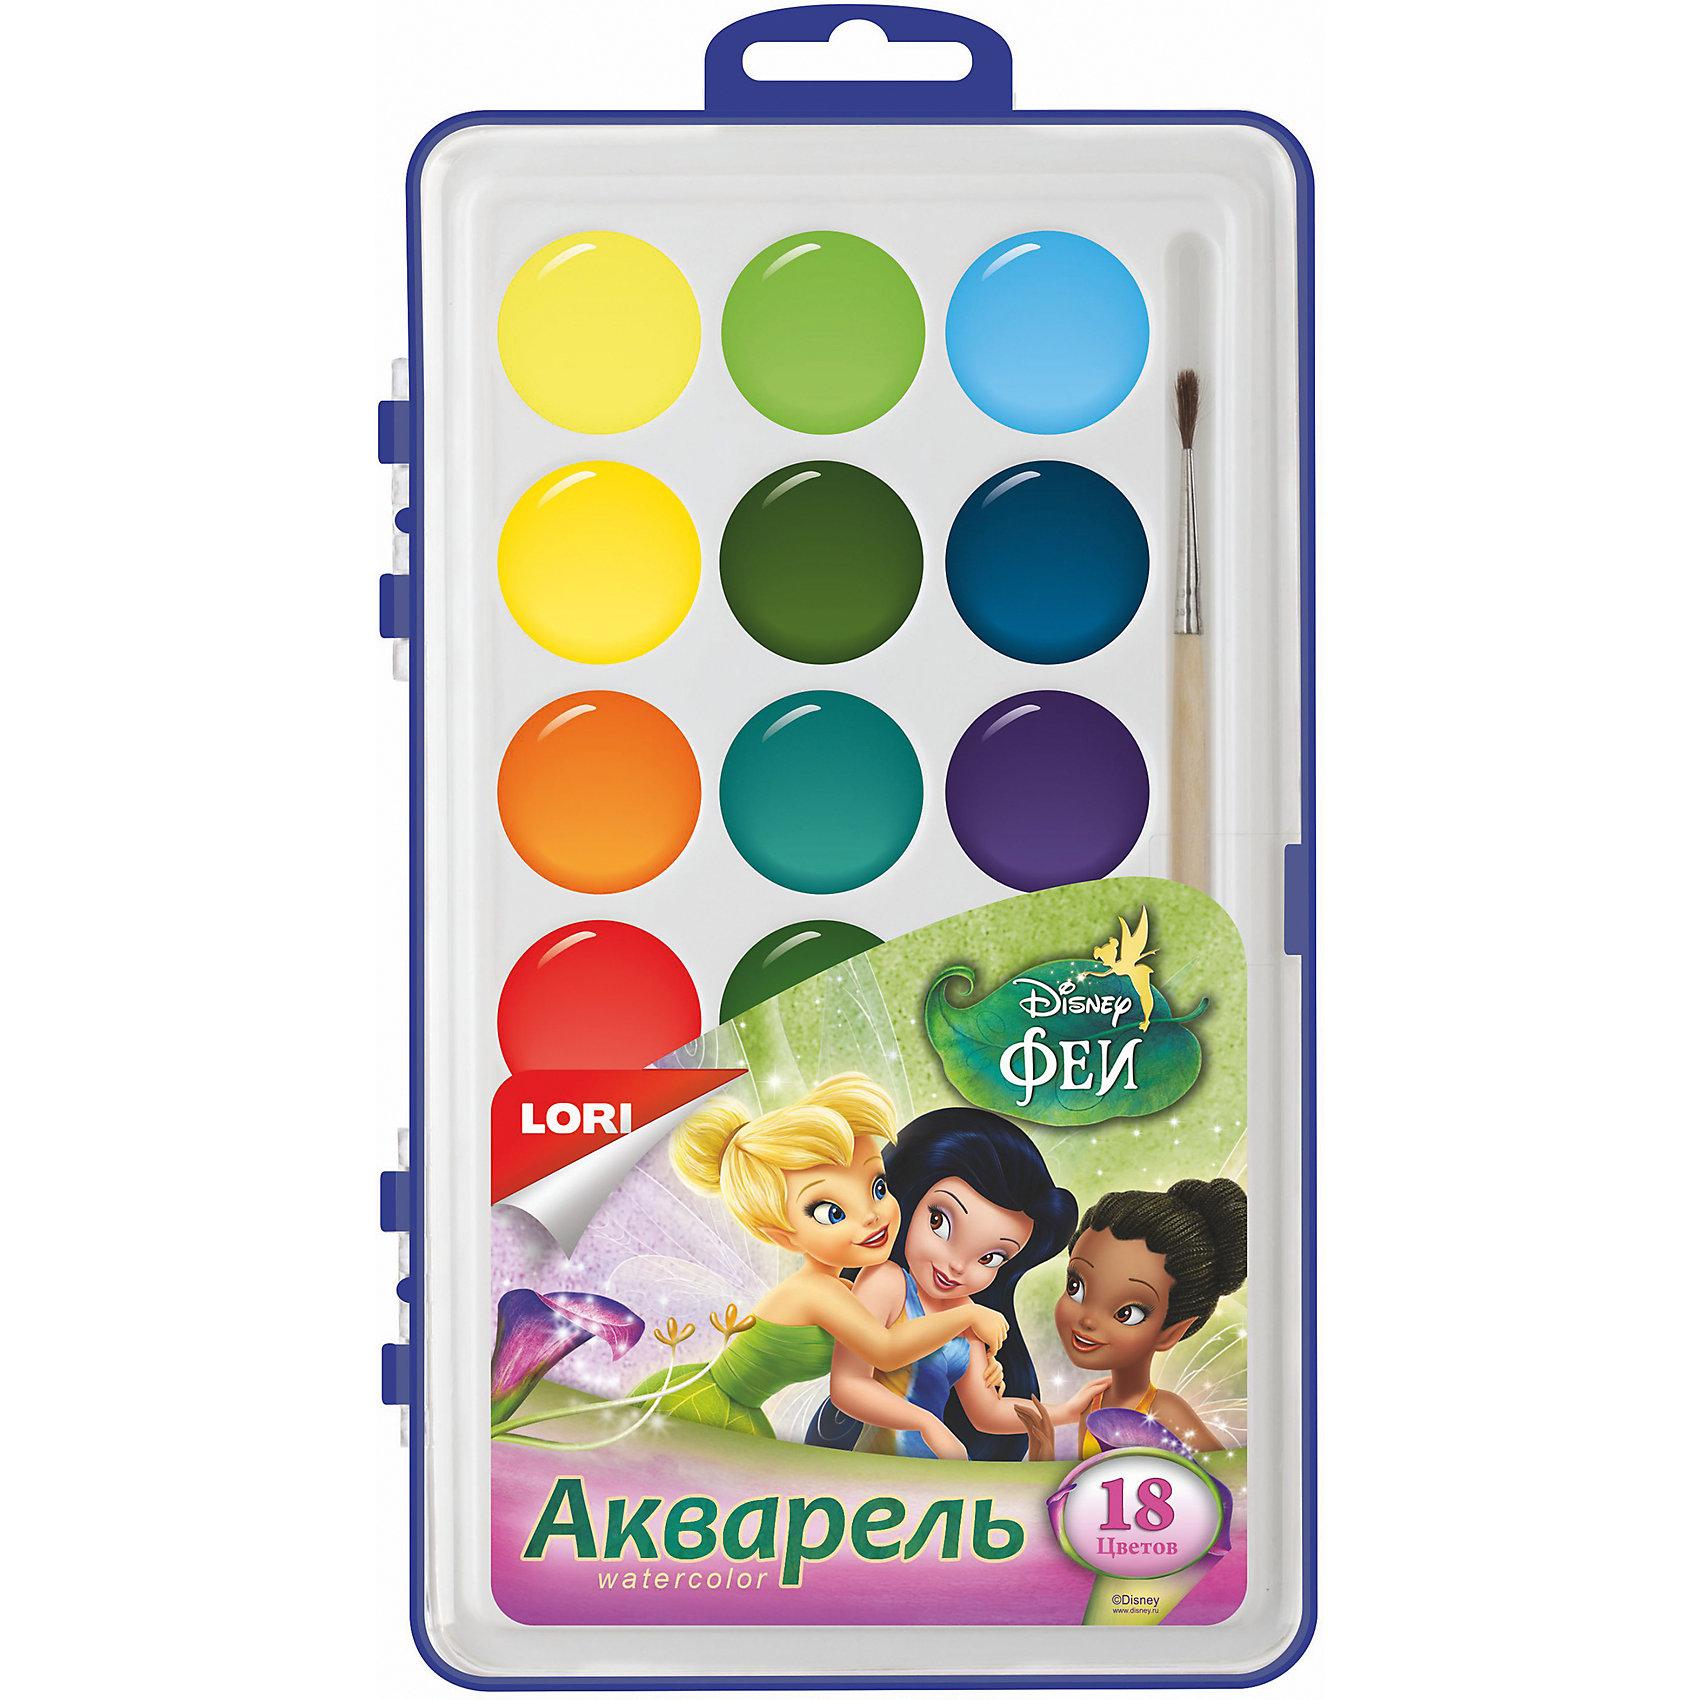 Акварель Disney Феи, 18 цветов, в пластикеакварельная краска, 18 цветов<br><br>Ширина мм: 18<br>Глубина мм: 122<br>Высота мм: 205<br>Вес г: 891<br>Возраст от месяцев: 36<br>Возраст до месяцев: 84<br>Пол: Унисекс<br>Возраст: Детский<br>SKU: 5032208